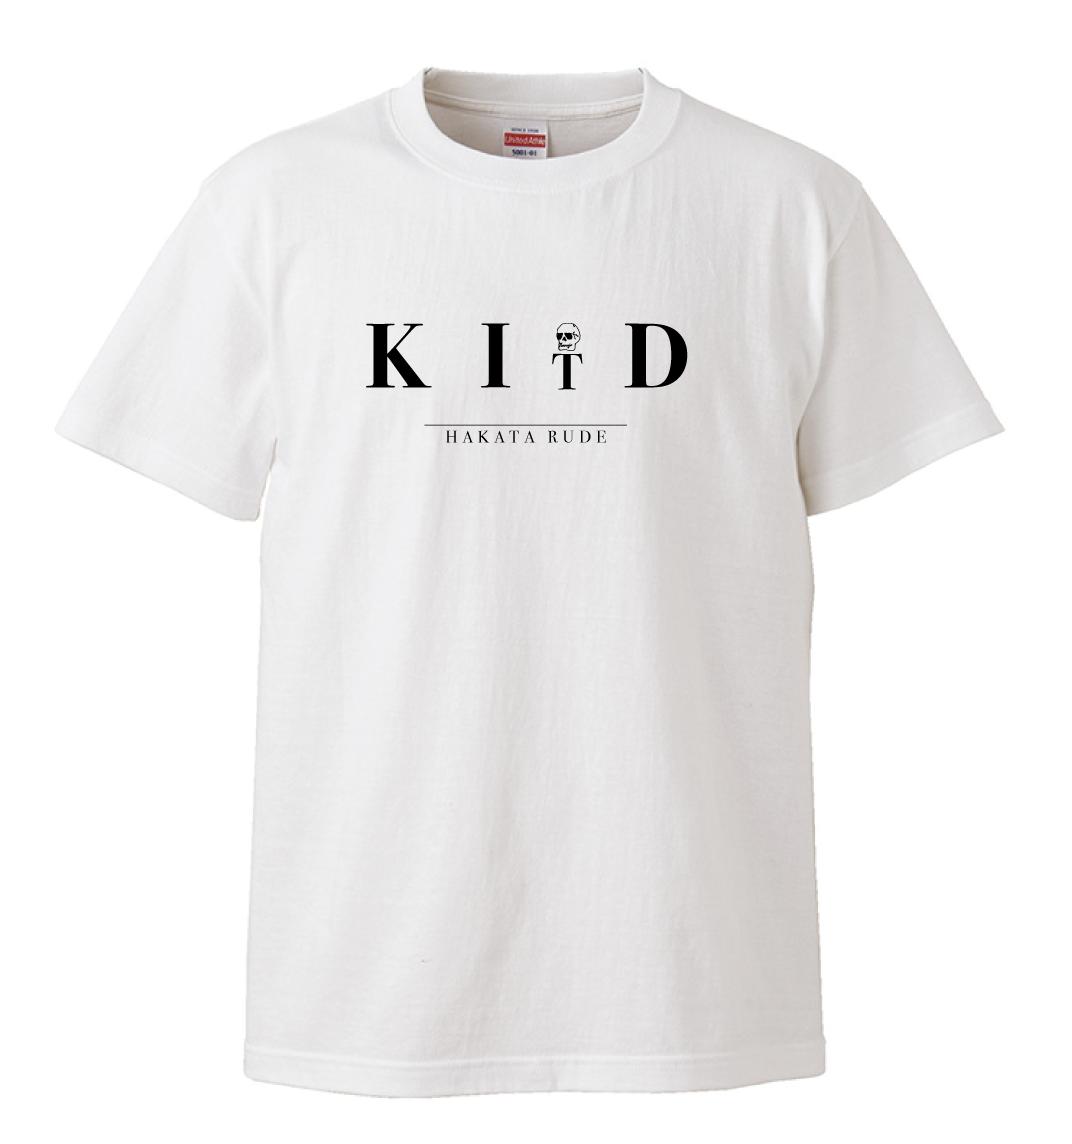 KITD Tシャツ